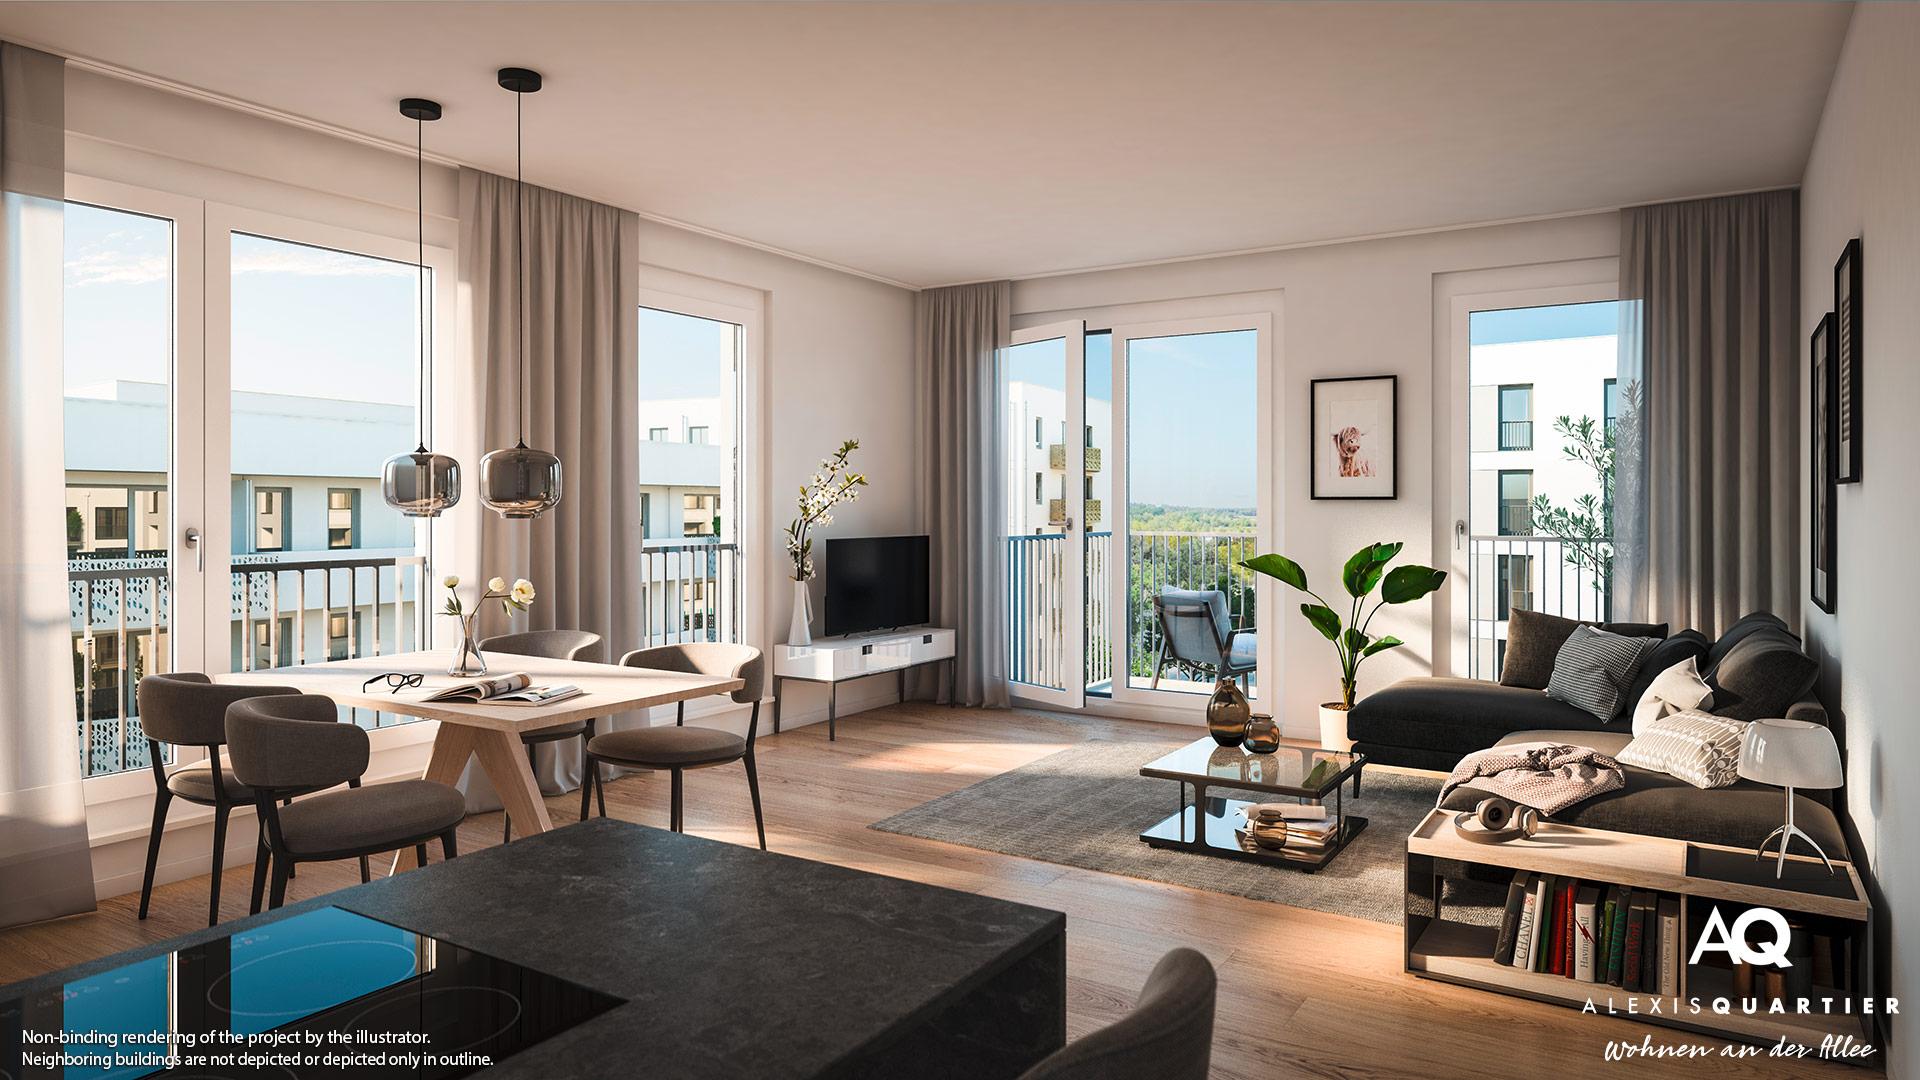 Property Alexisquartier - Wohnen an der Allee - Illustration 10